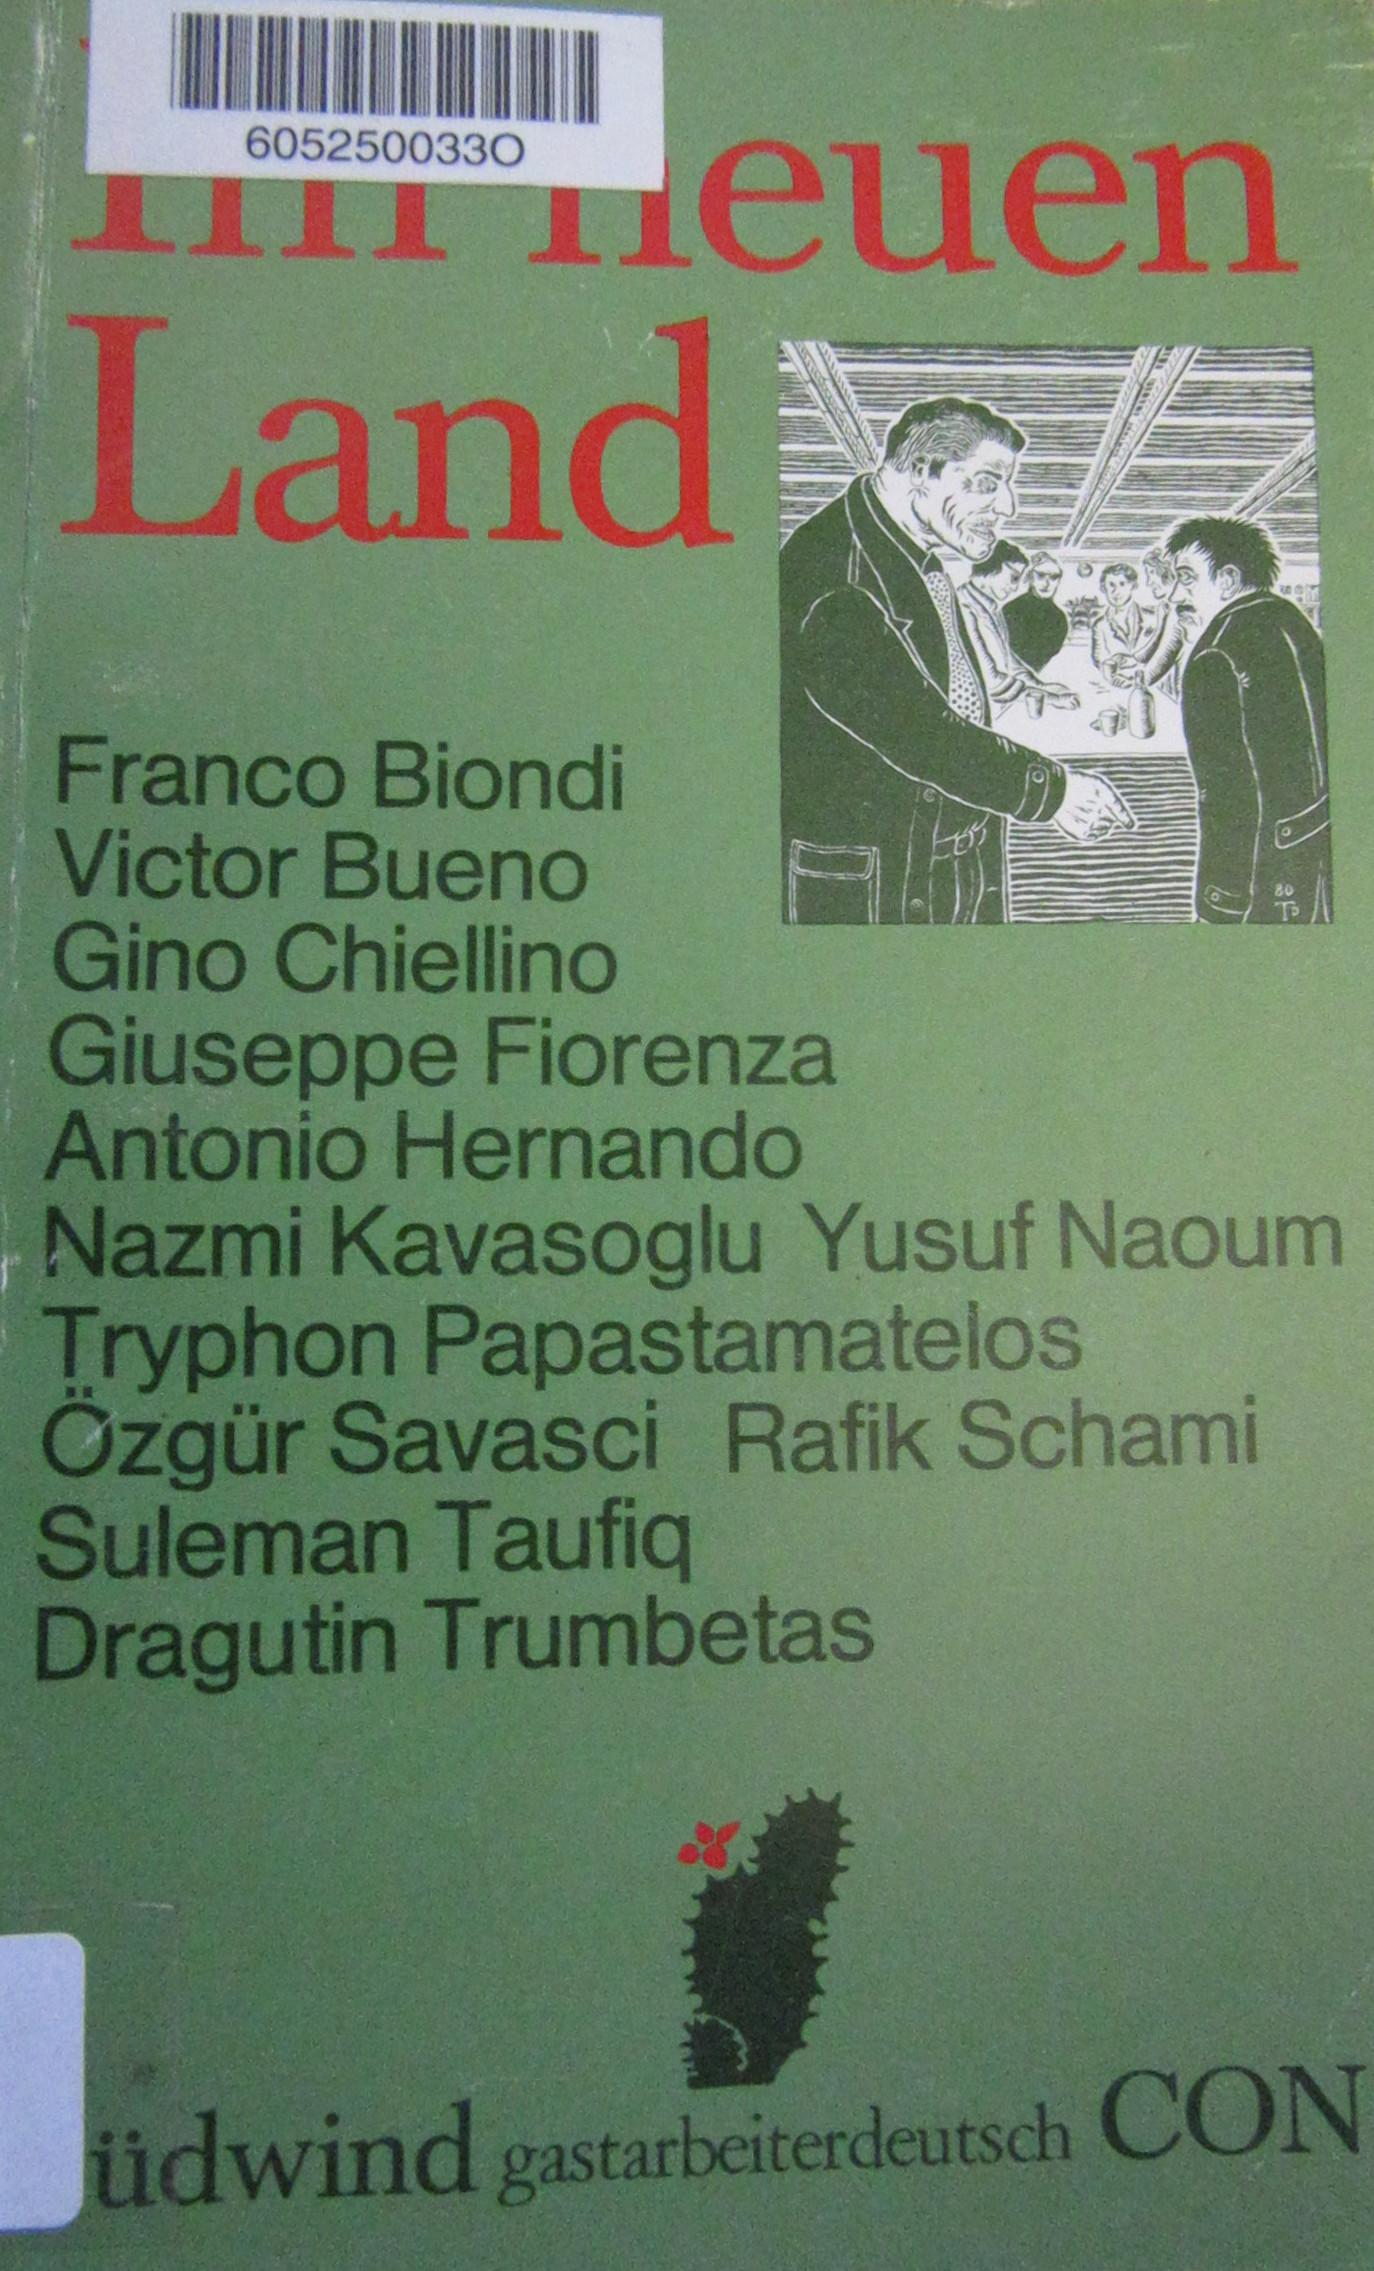 Biondi, Franco, and Dragutin. Trumbetas. Im neuen Land. Bremen: CON Medien- und Vertriebsgesellschaft, 1980.